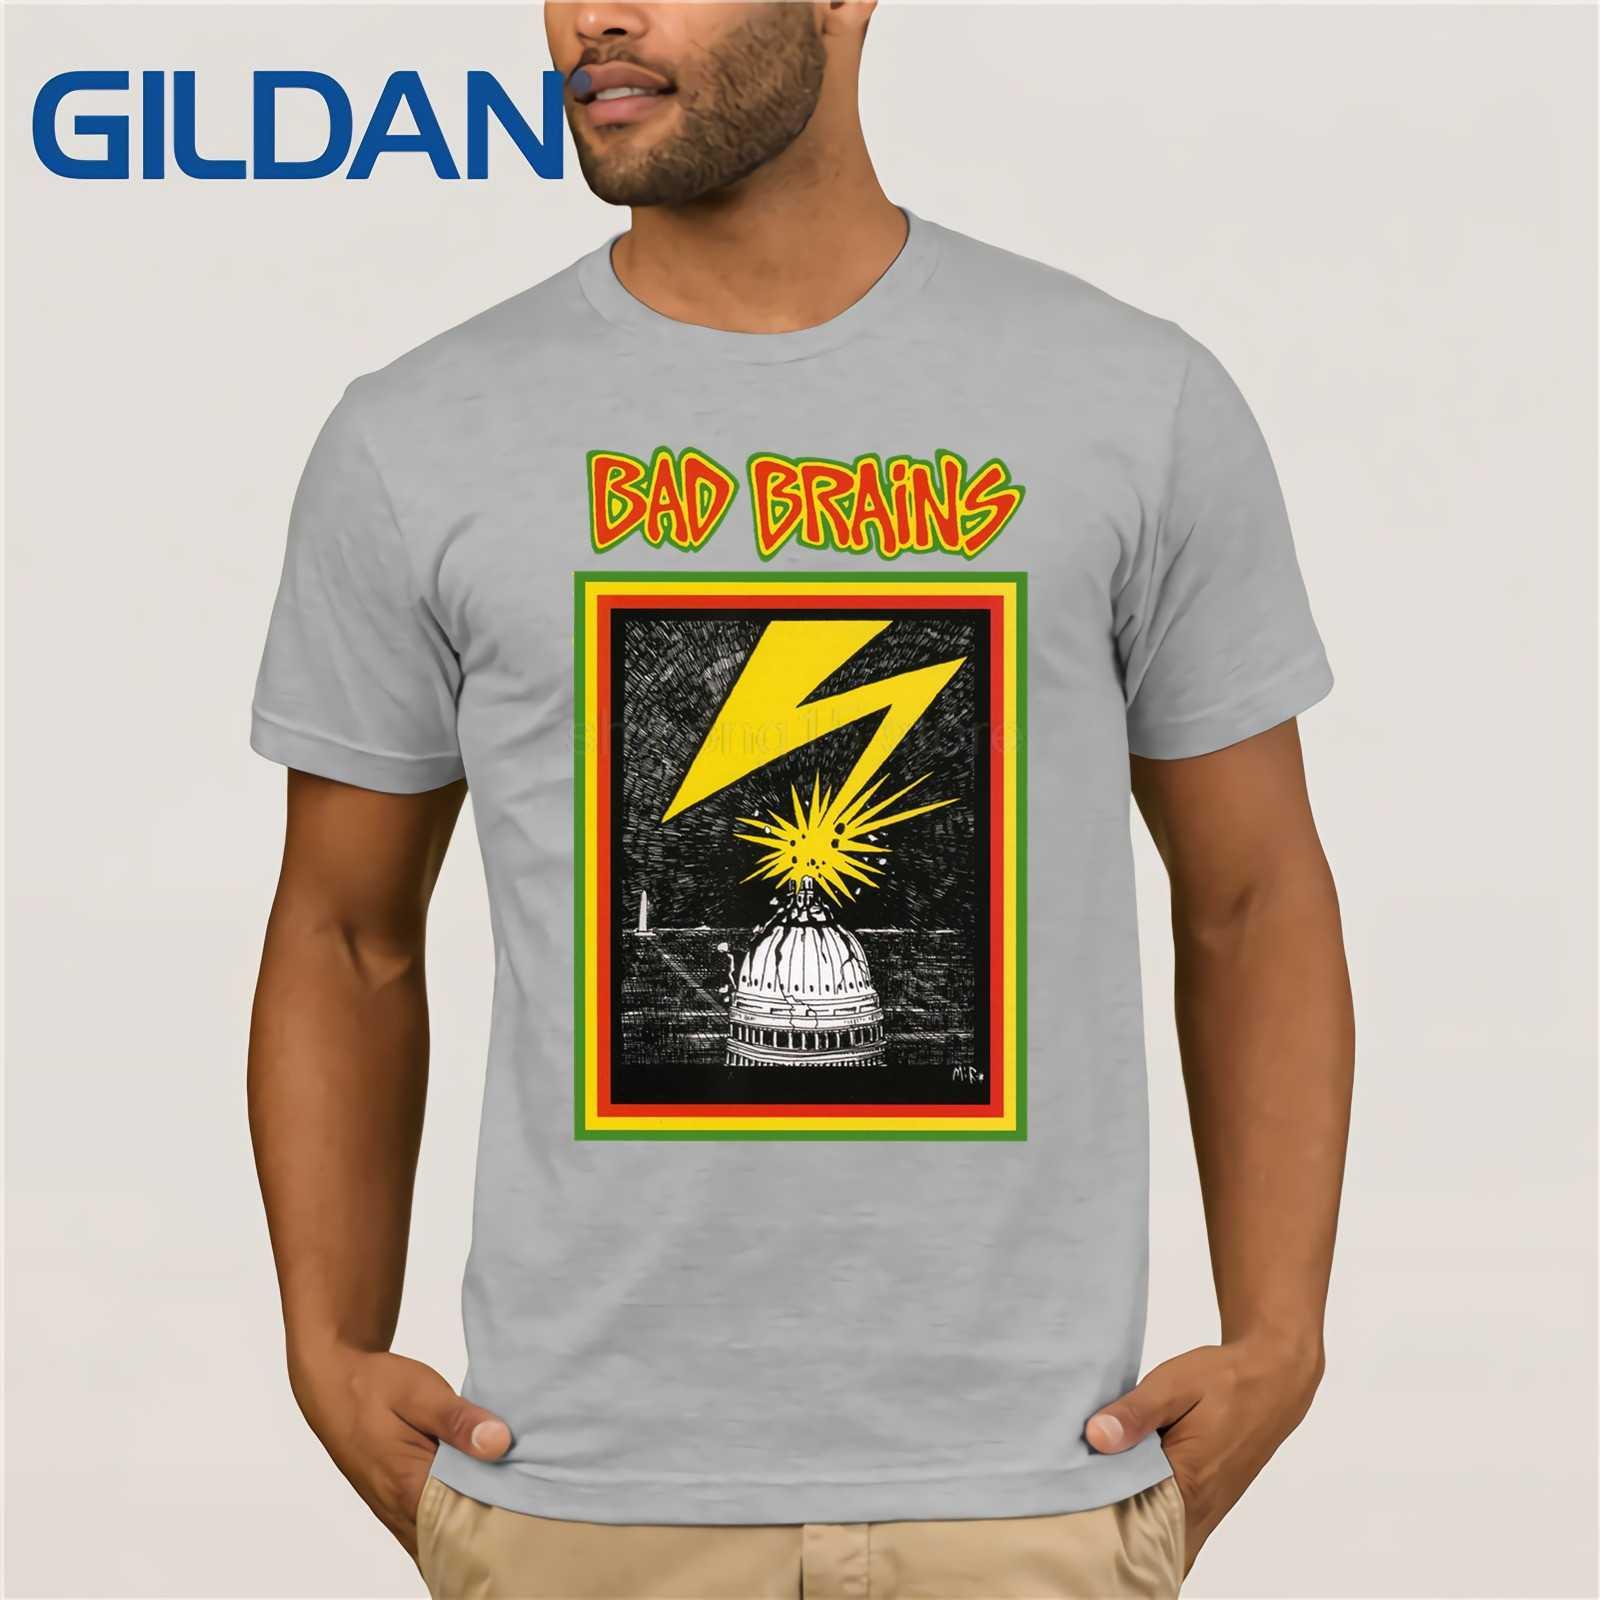 2c5c6a7b4feb ... Fashion New Top Tees Tshirts Official Bad Brains Distressed Vintage  Capitol Logo T-shirt S M L ...